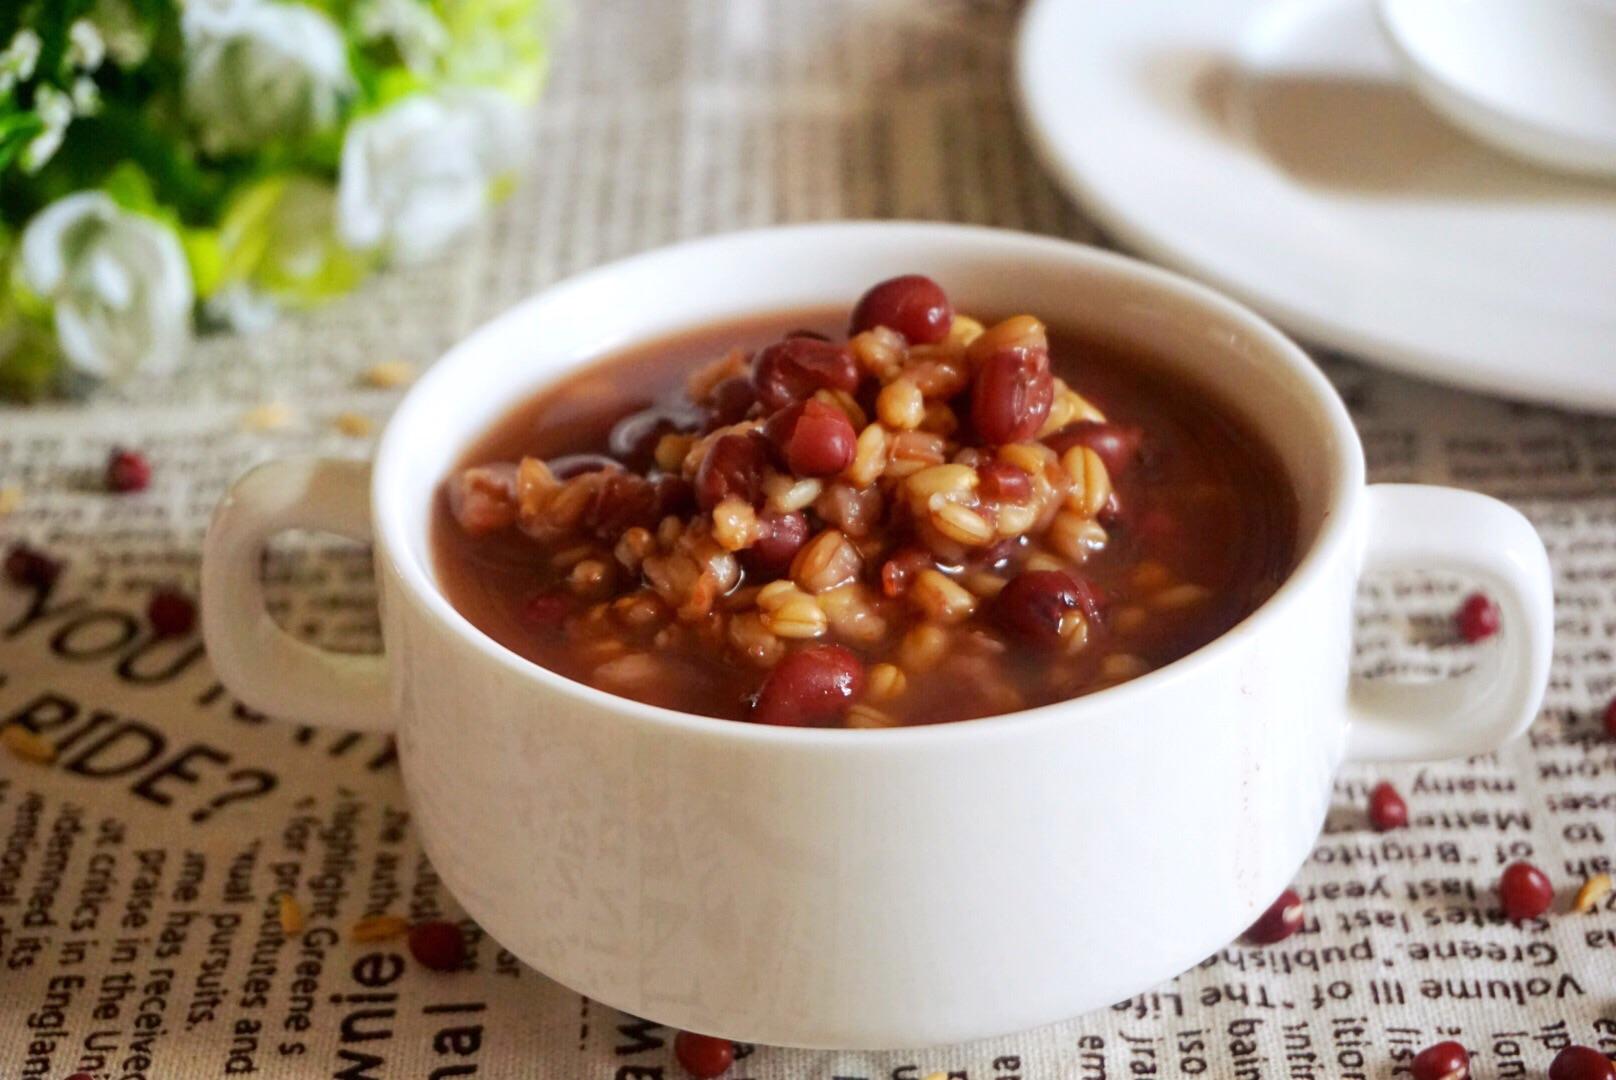 红豆绿豆瘦身粥做法_营养早餐:红豆燕麦粥的做法_菜谱_豆果美食